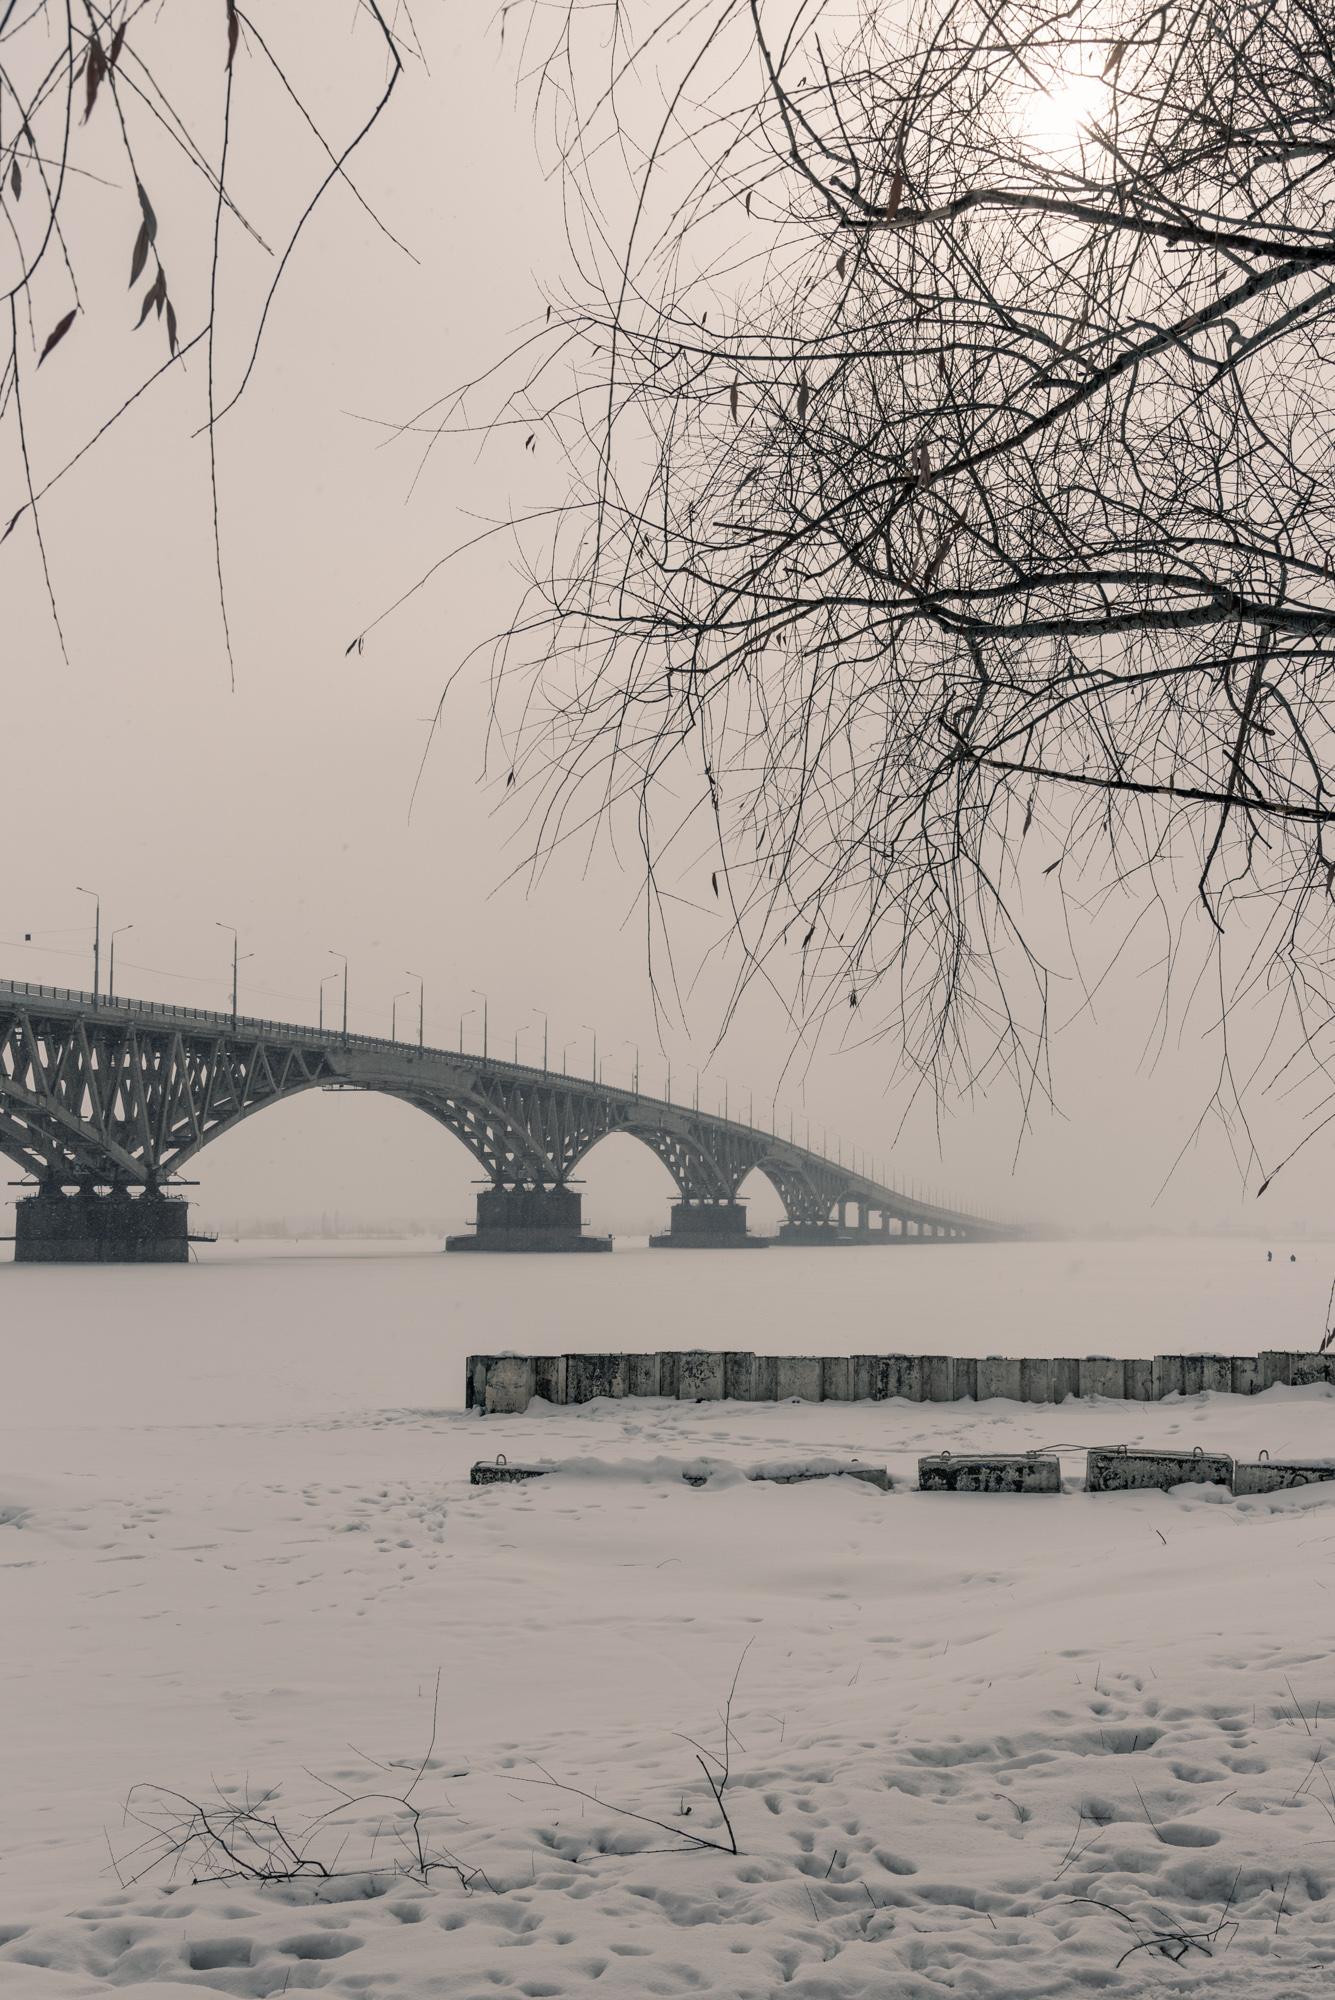 Саратовский мост в начале весны